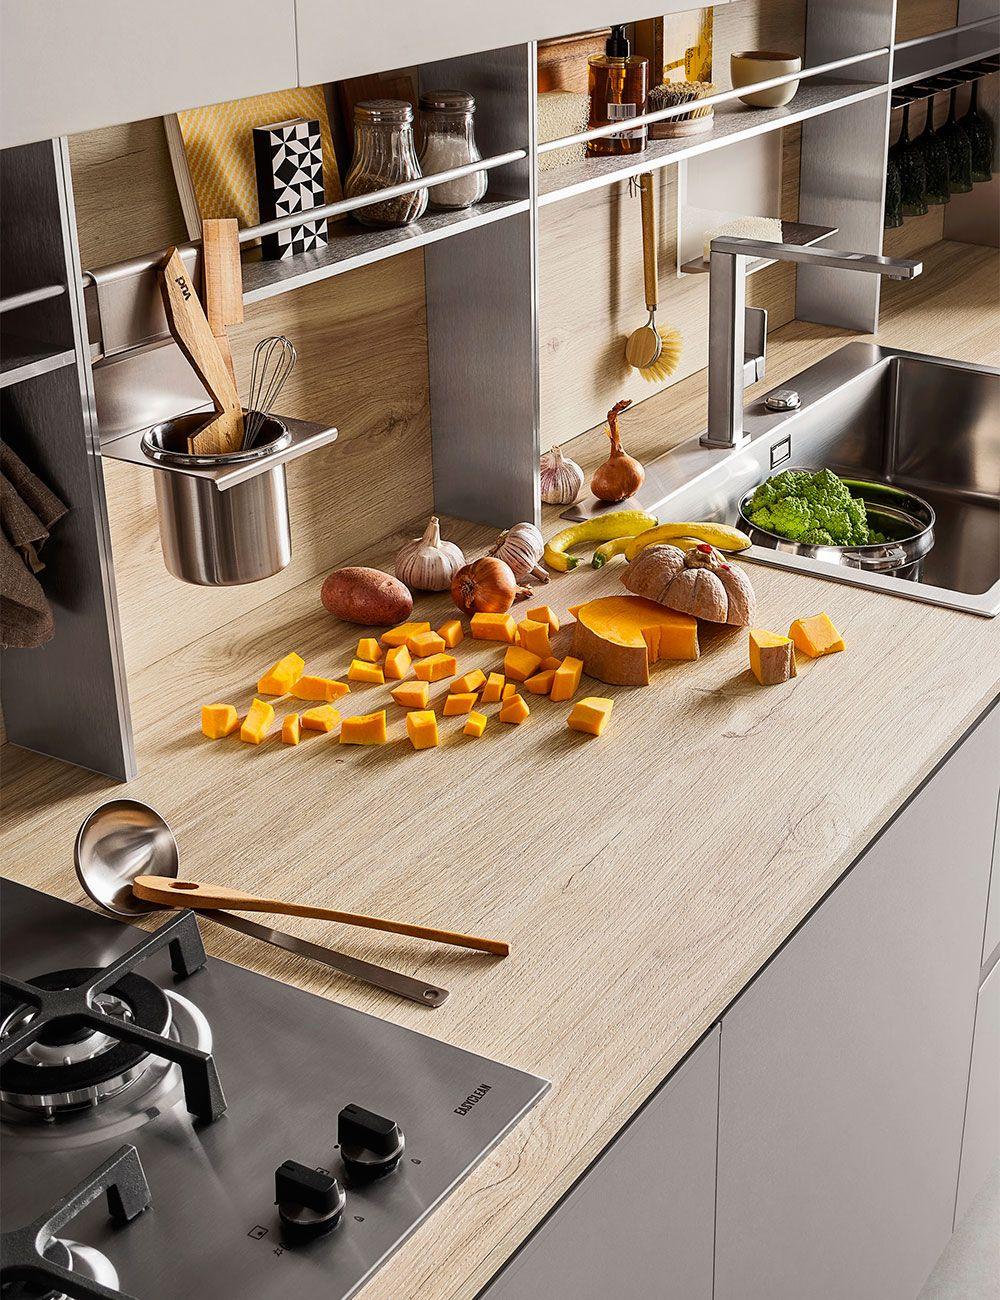 Piano Cucina In Laminato Effetto Legno Diotti Com Piano Cucina In Legno Cucina In Legno Arredo Interni Cucina